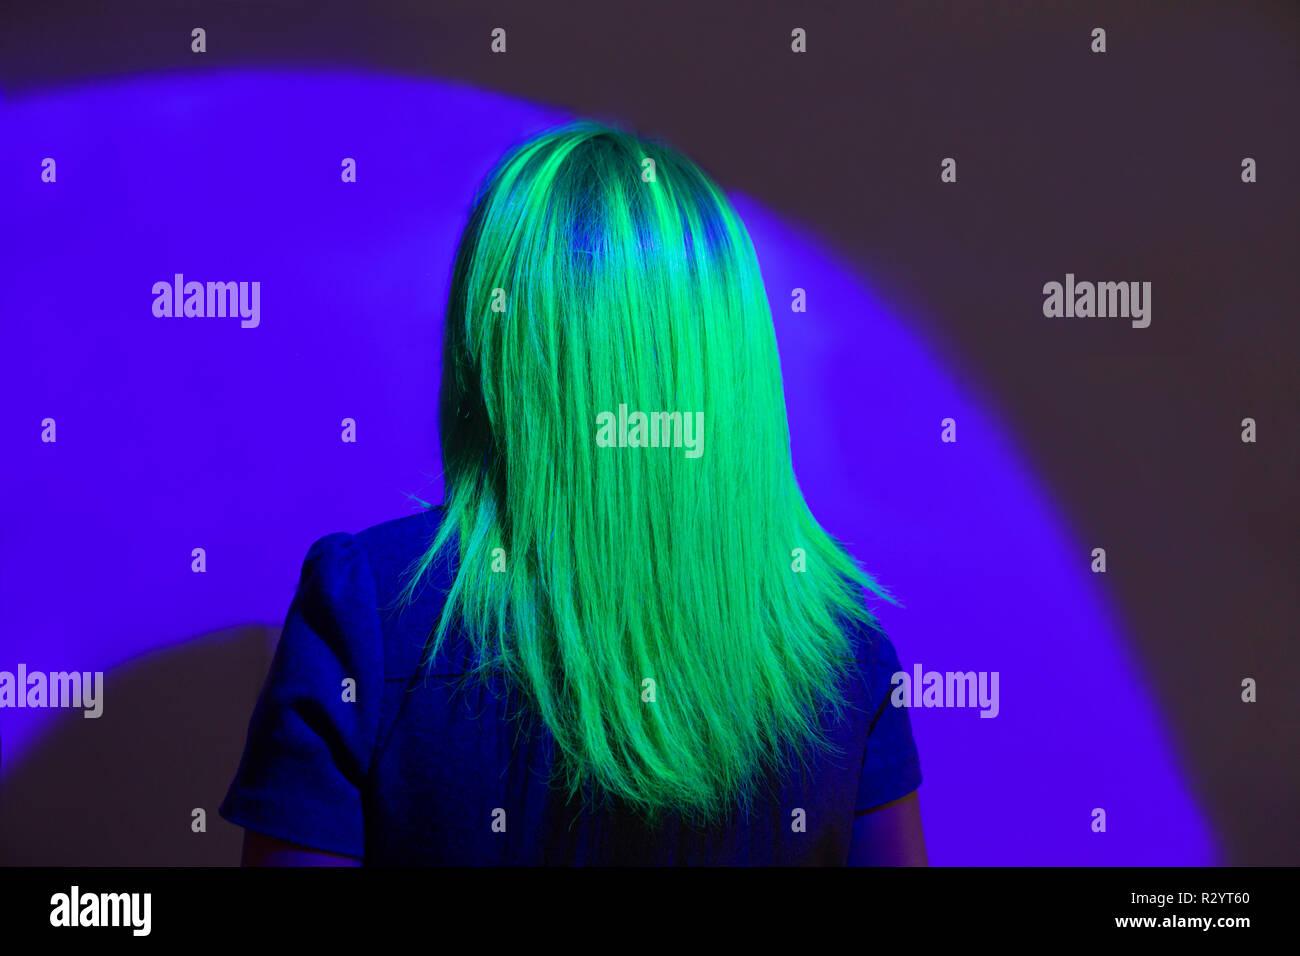 Colorante Fluorescente Immagini Colorante Fluorescente